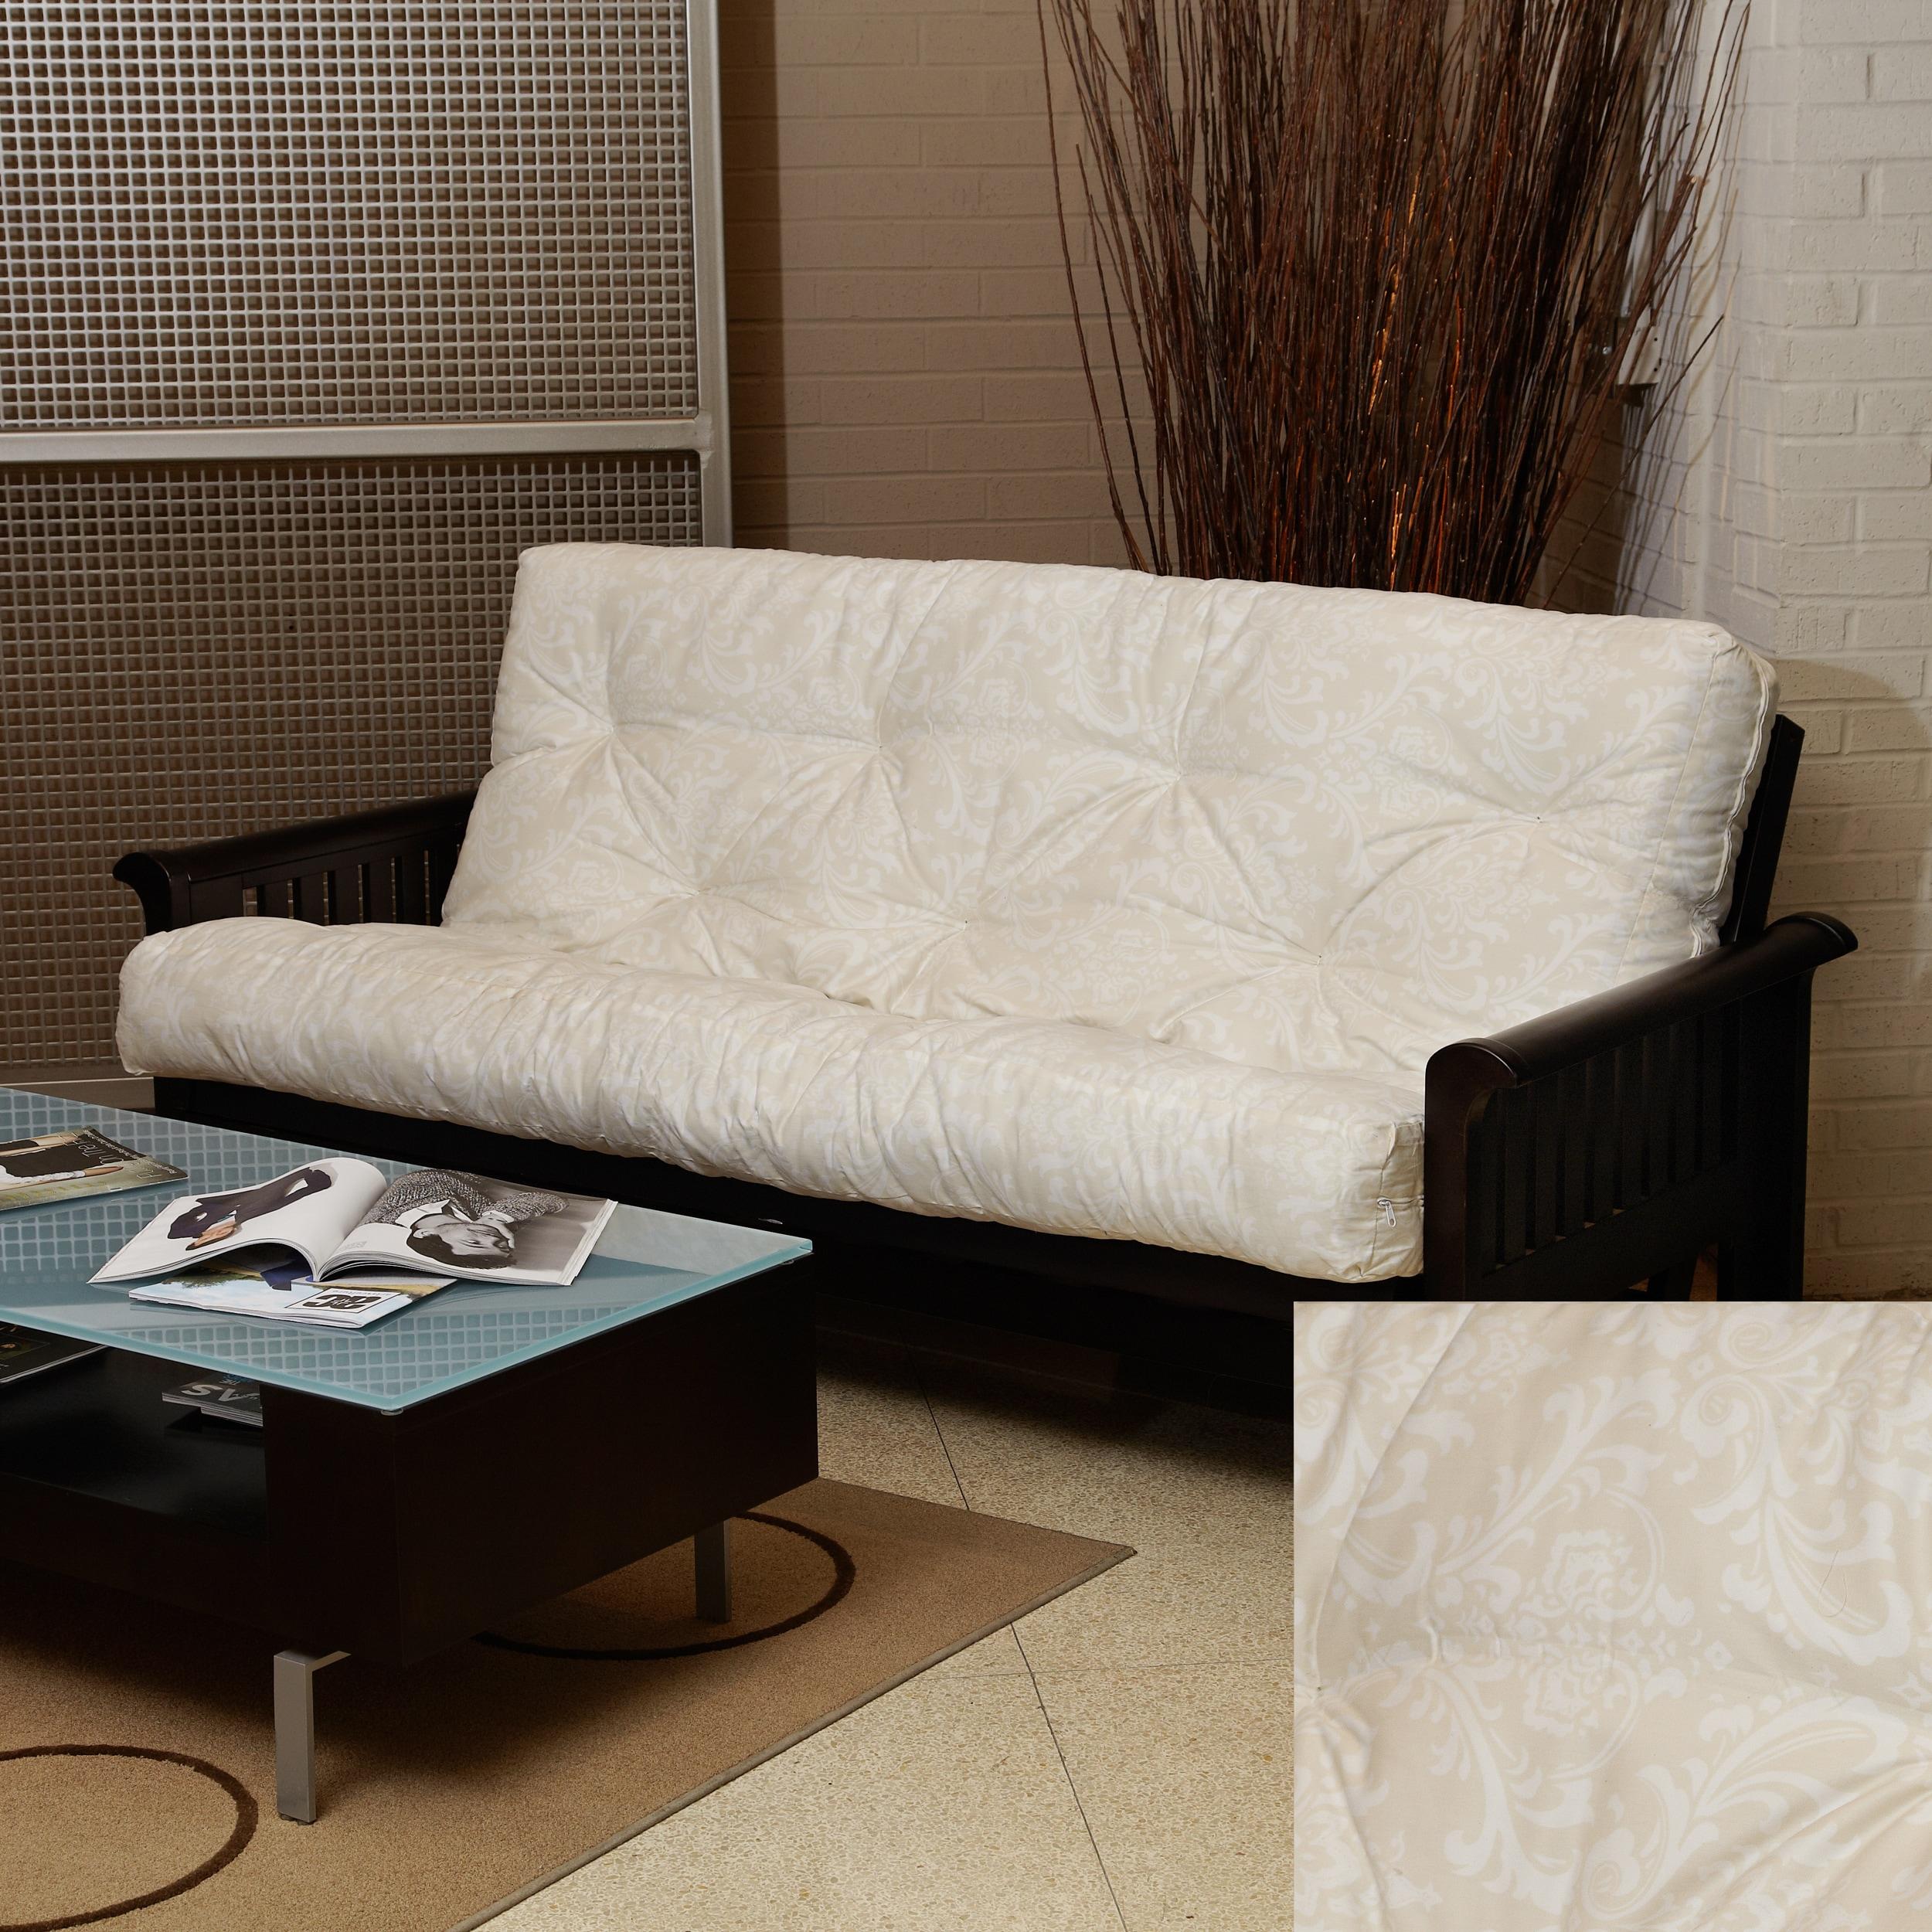 Beige Damask Queen-Size 12-inch Futon Mattress